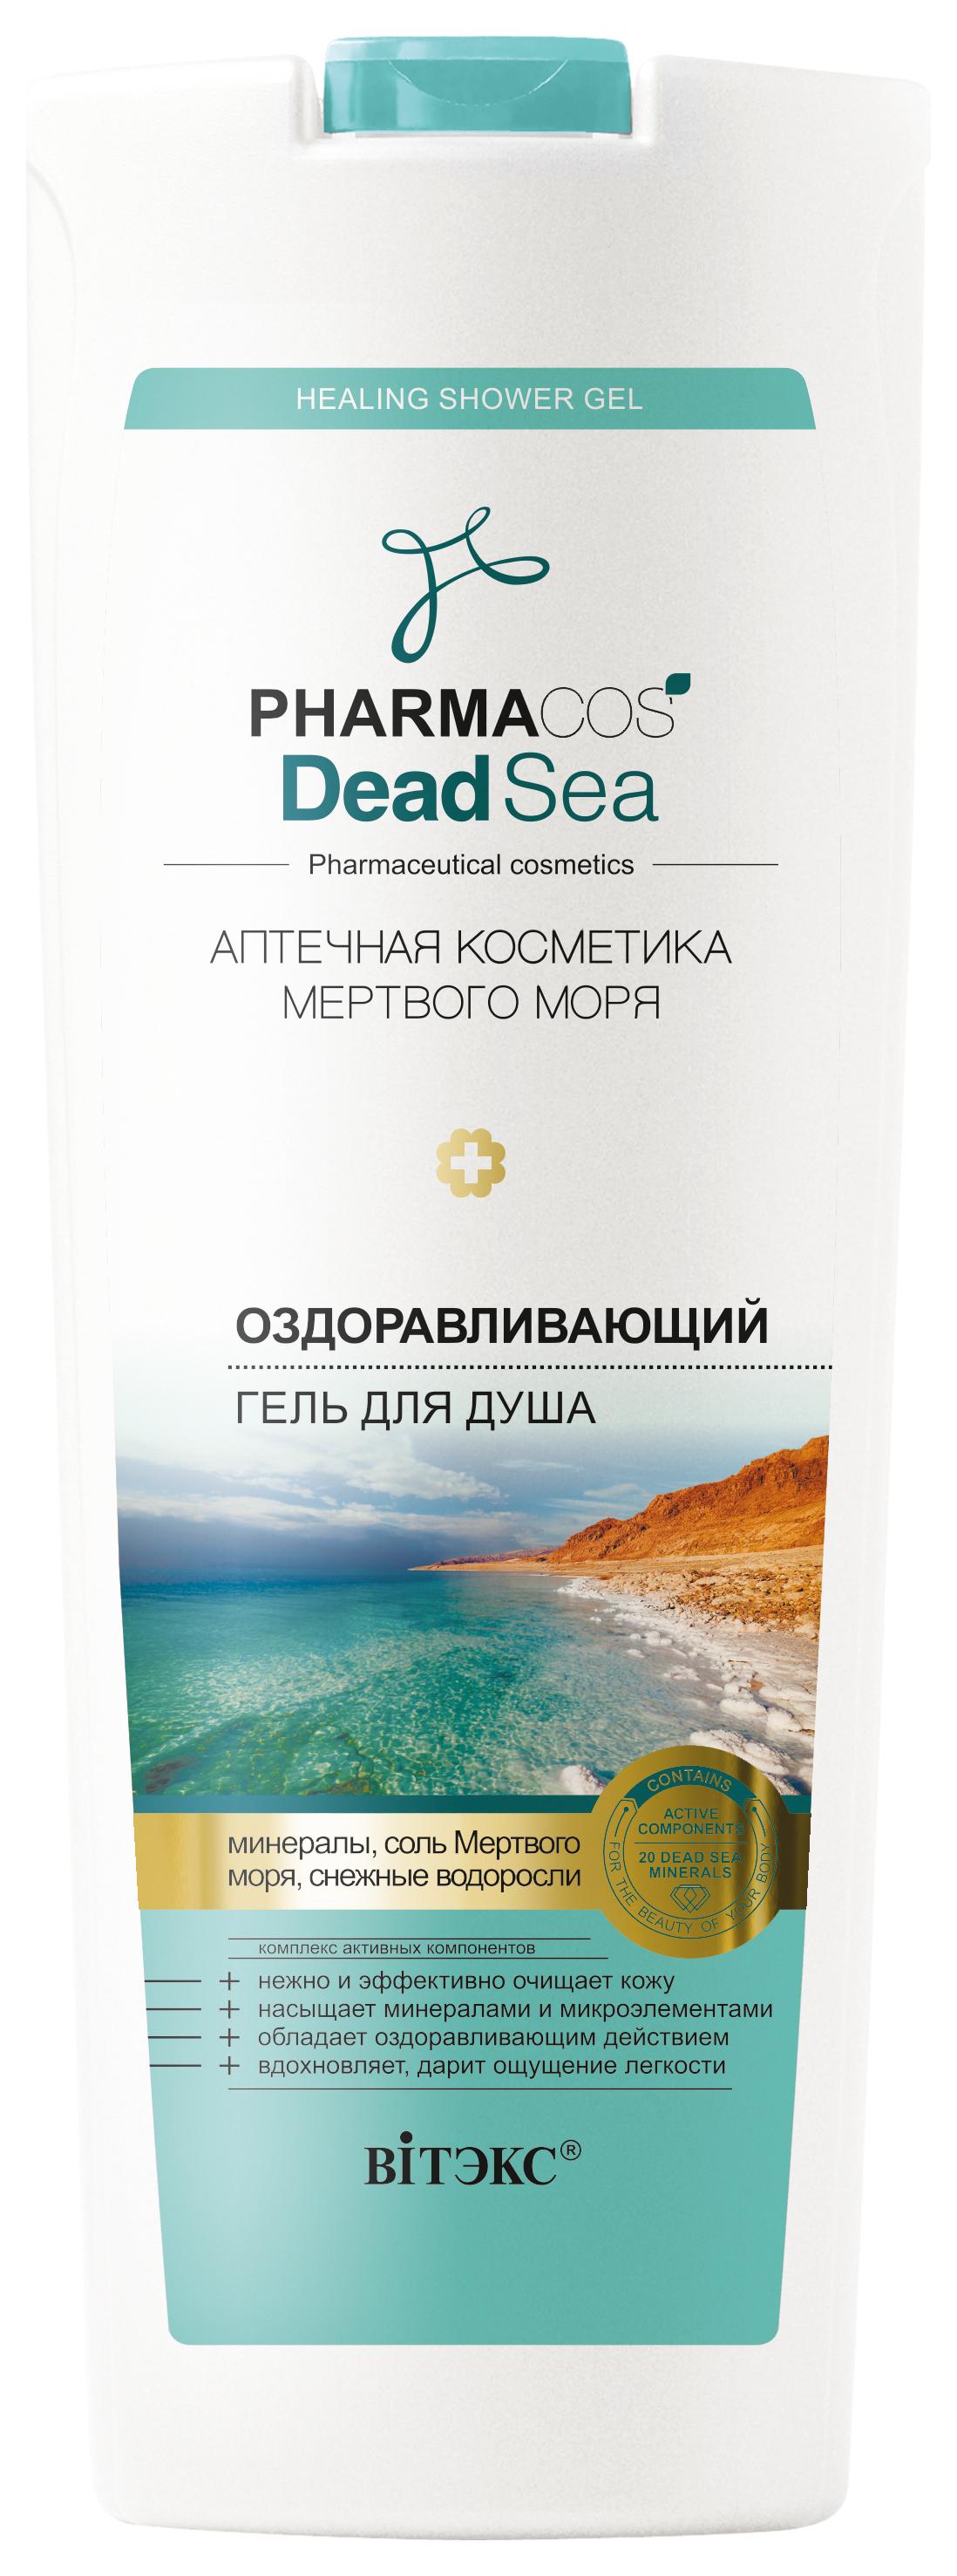 Гель для душа Витэкс Dead Sea Оздоравливающий 500 мл